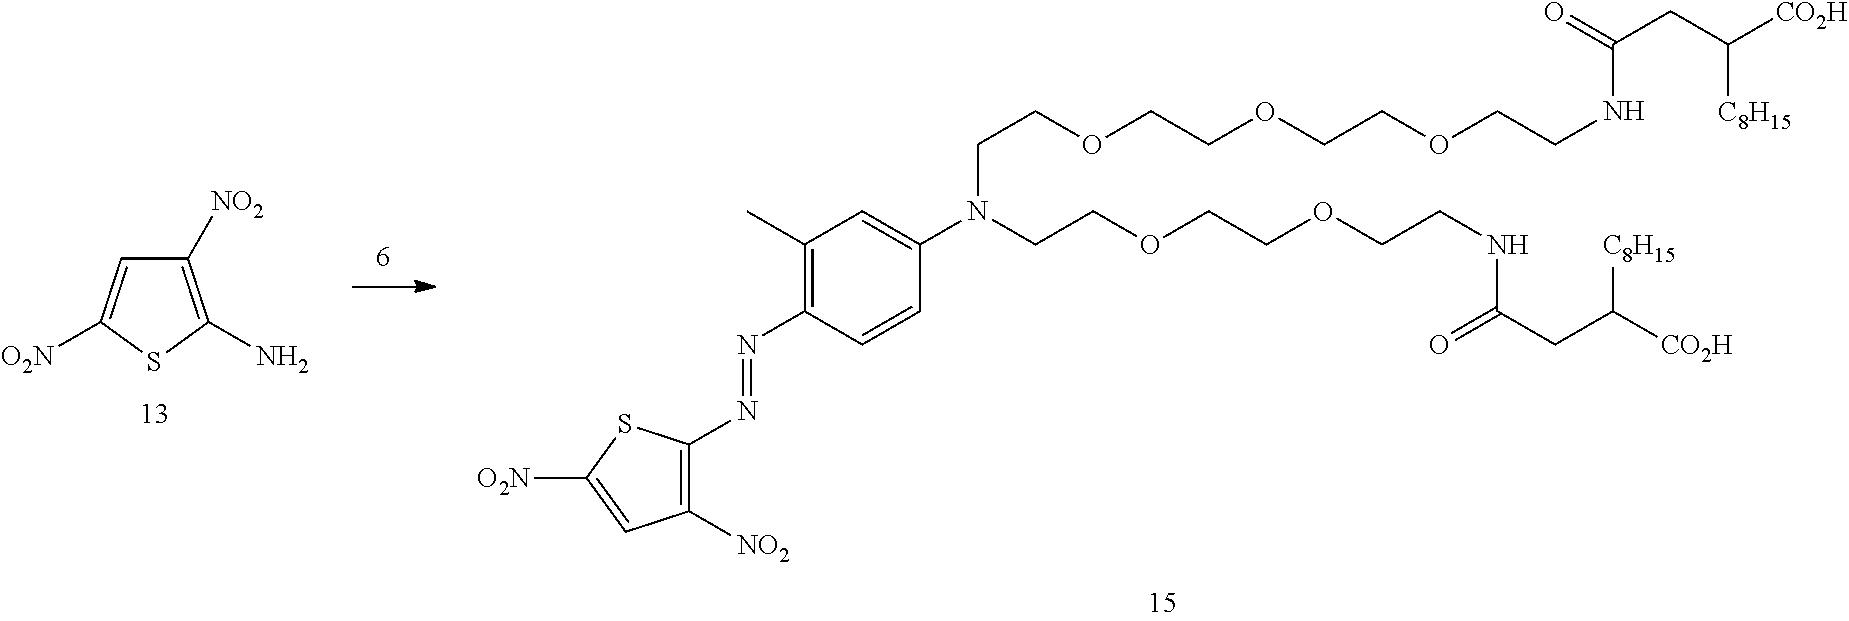 Figure US09834682-20171205-C00050